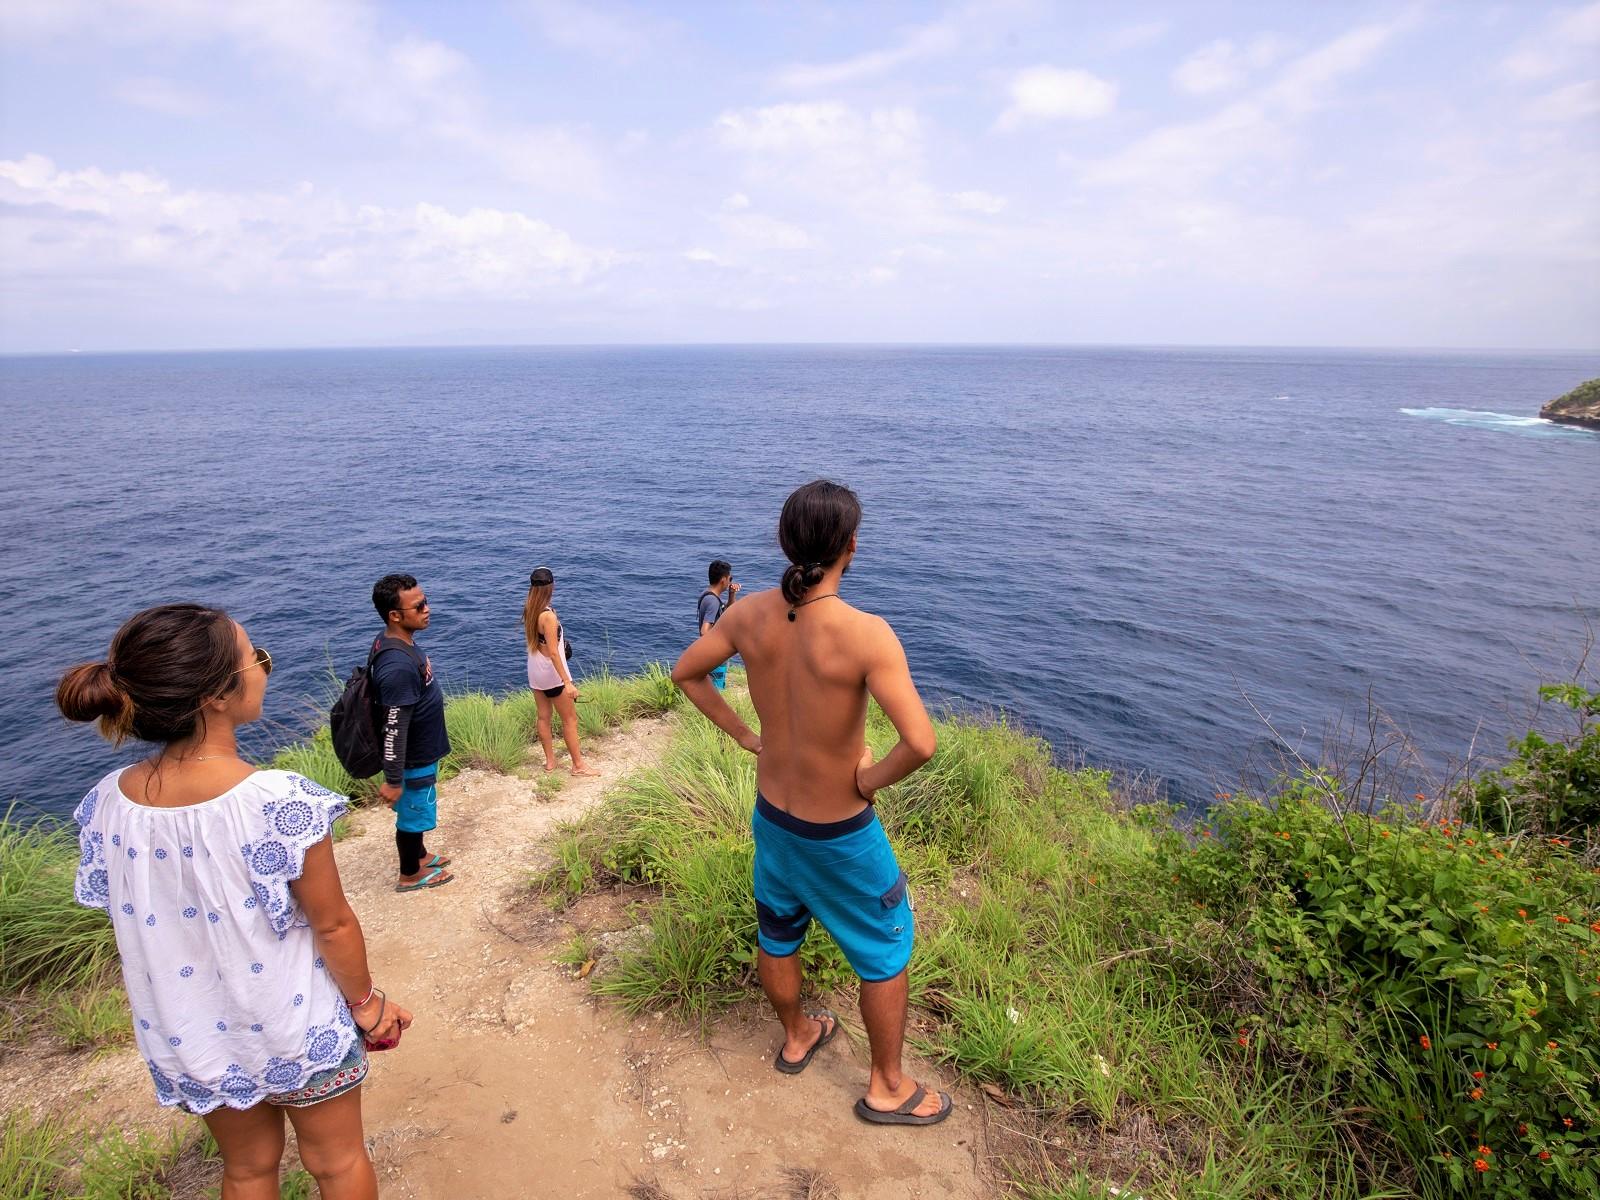 【バリの離島情報】レンボンガン島 or ペニダ島